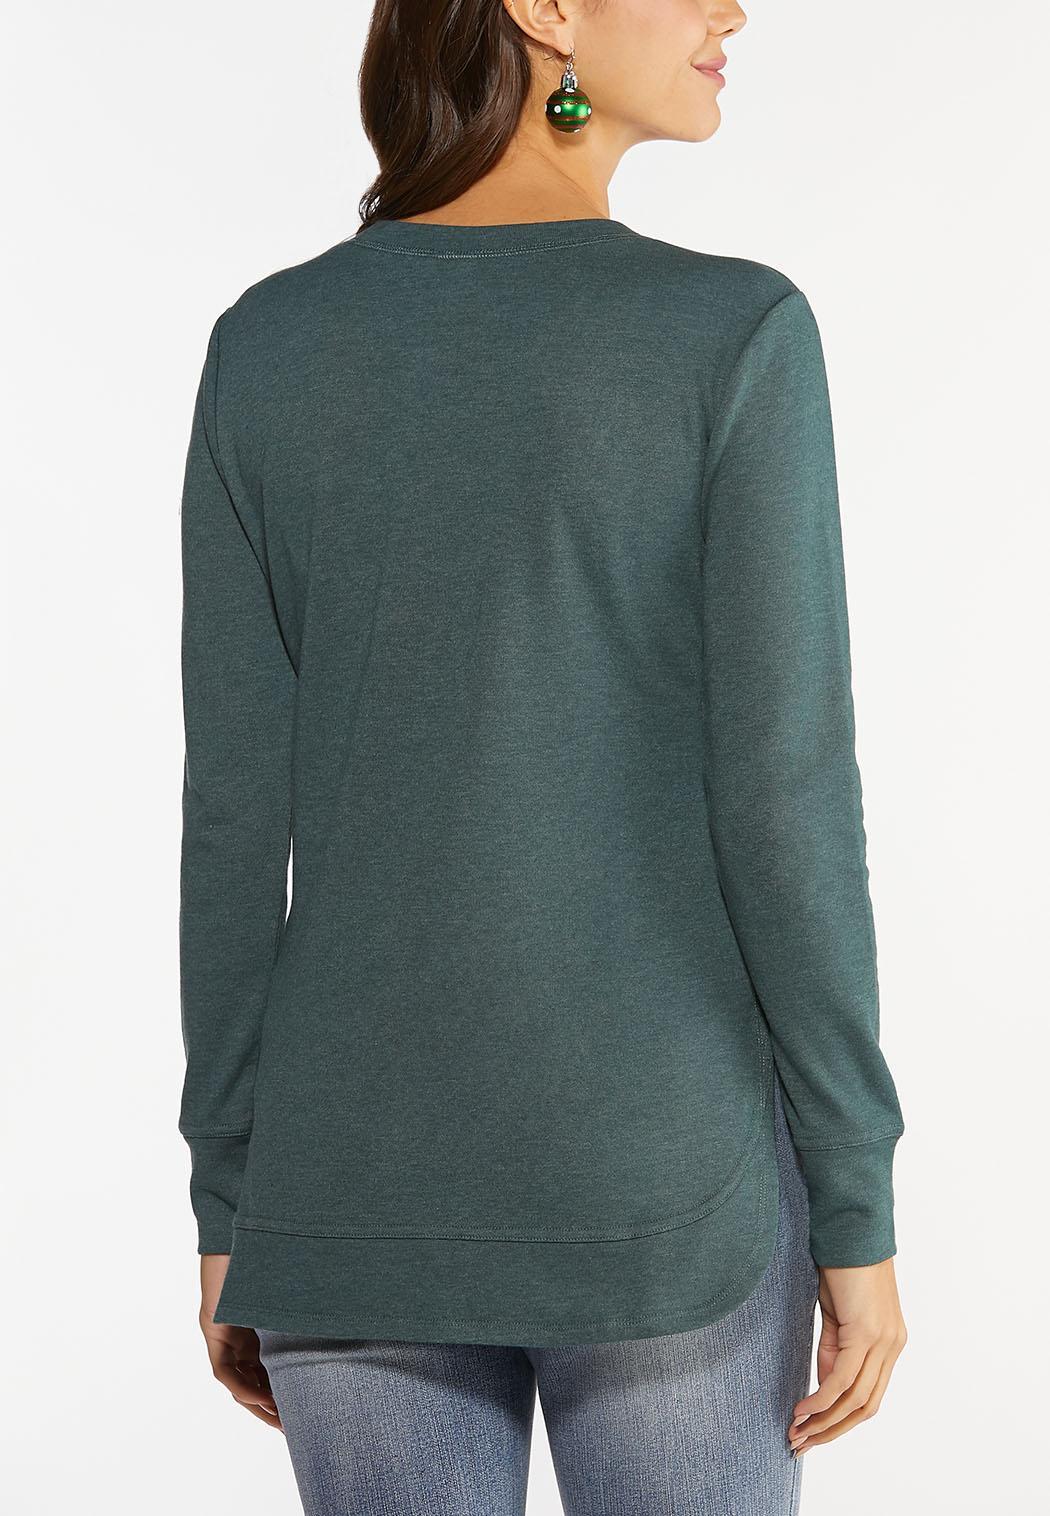 Beaded Reindeer Sweatshirt (Item #44457124)